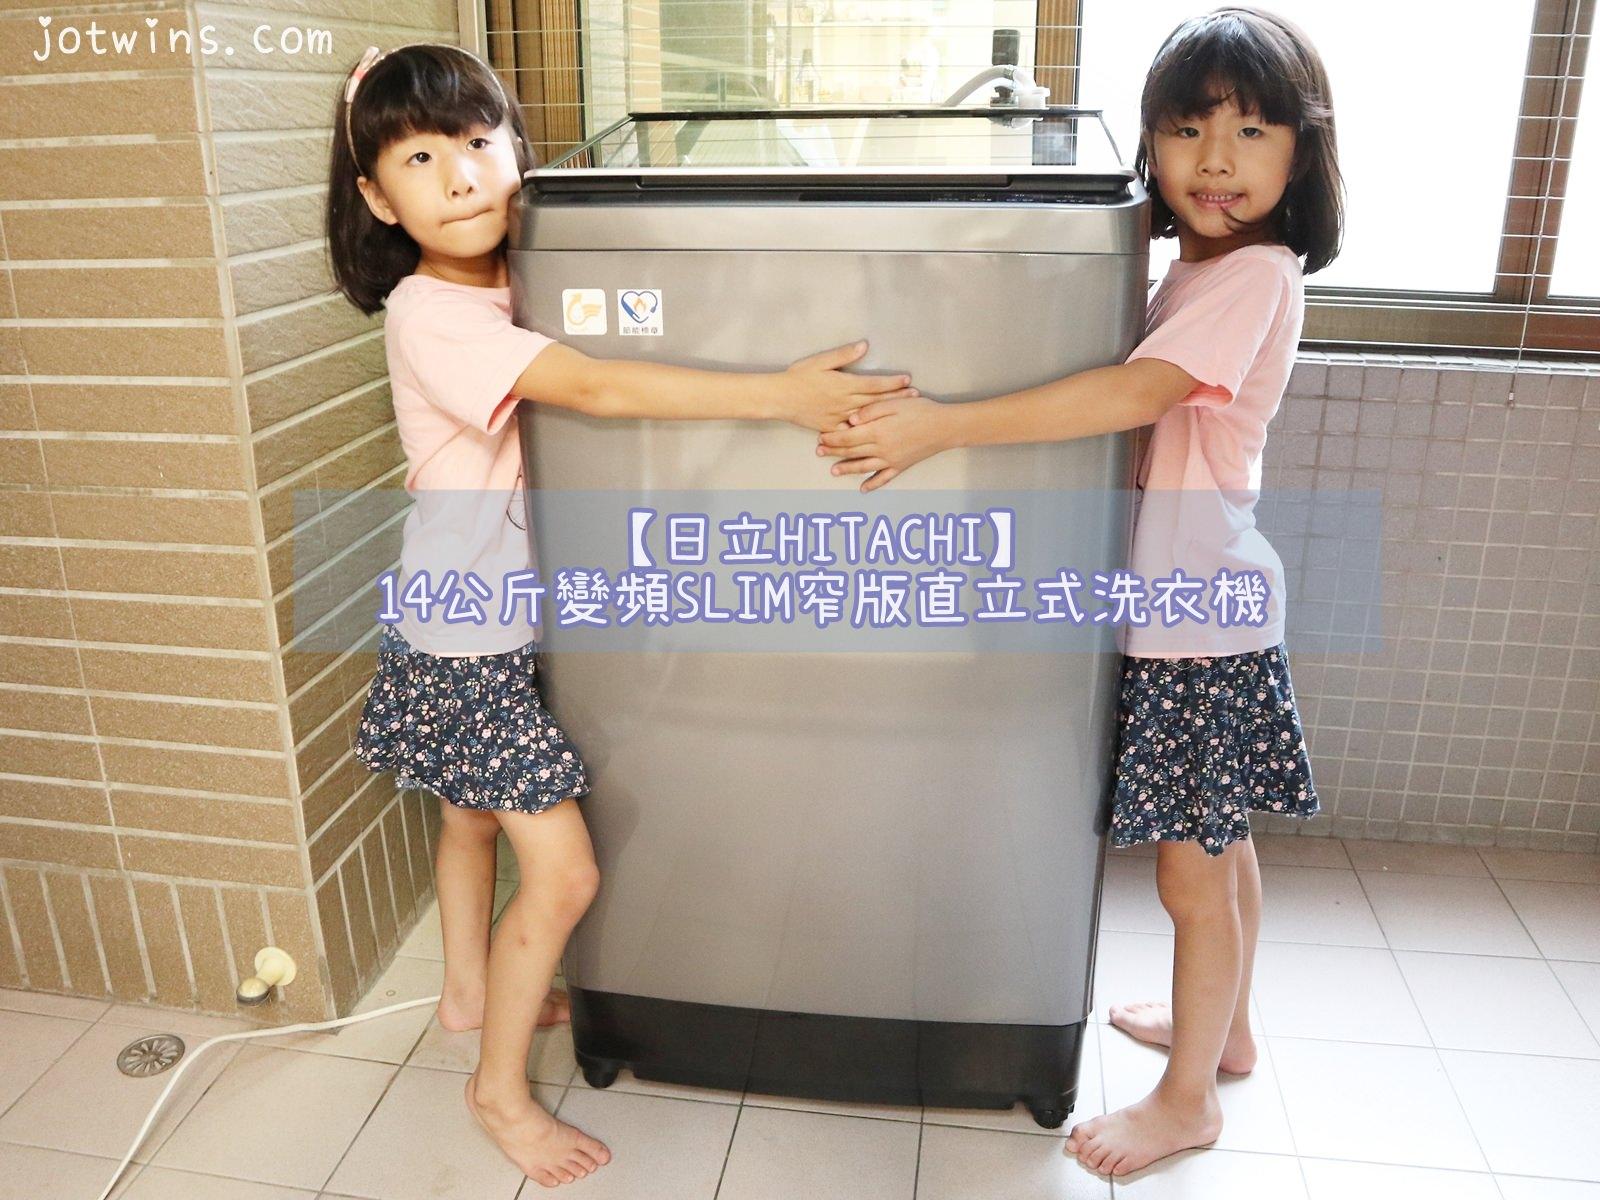 【日立HITACHI】14公斤變頻SLIM窄版直立式洗衣機 窄身設計大容量洗衣機 居家生活美學首選